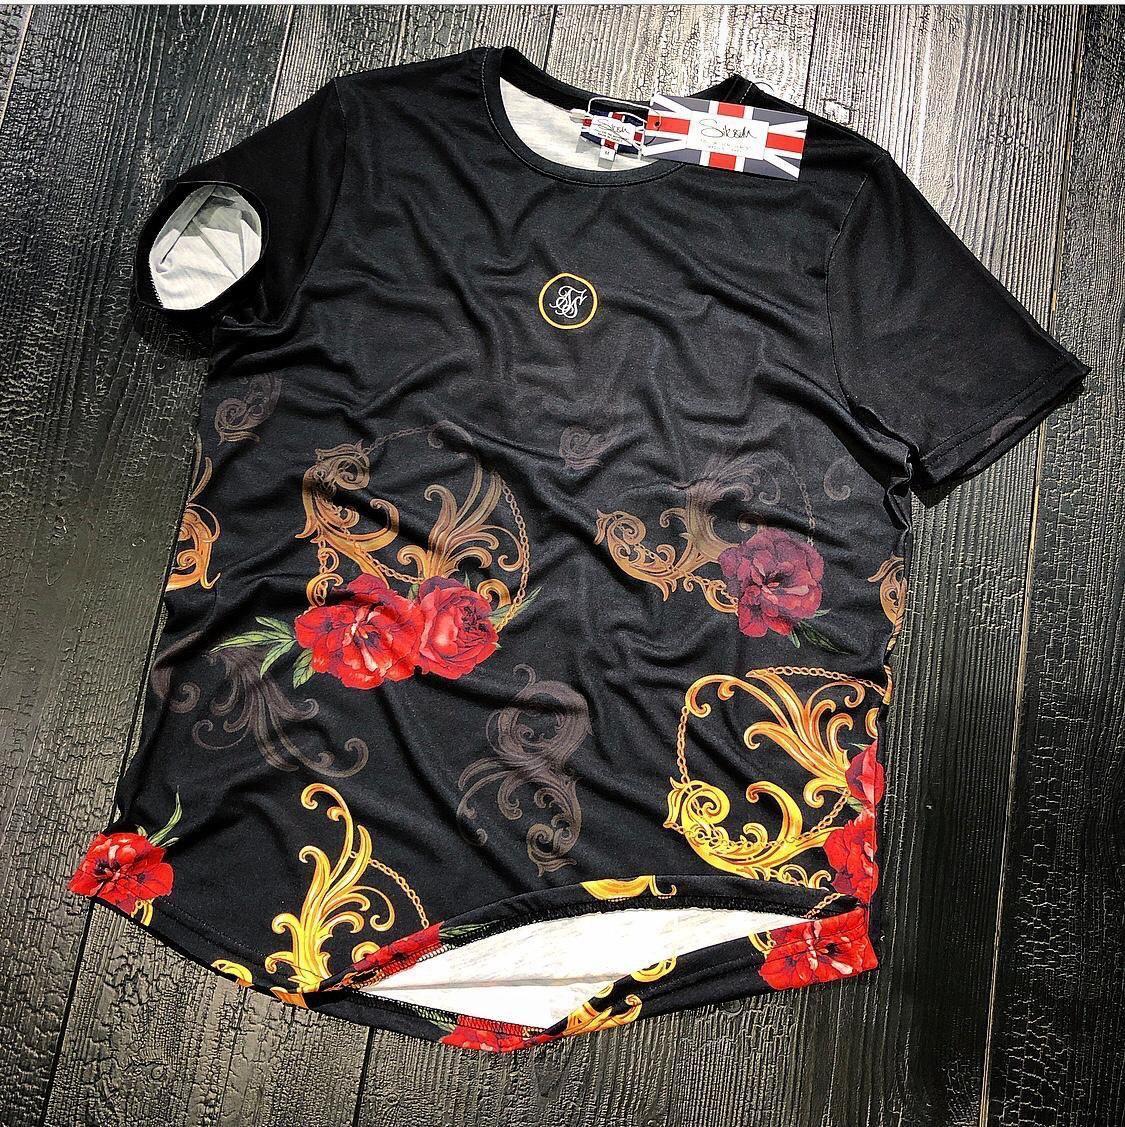 Мужская футболка Sik Silk M072 черная